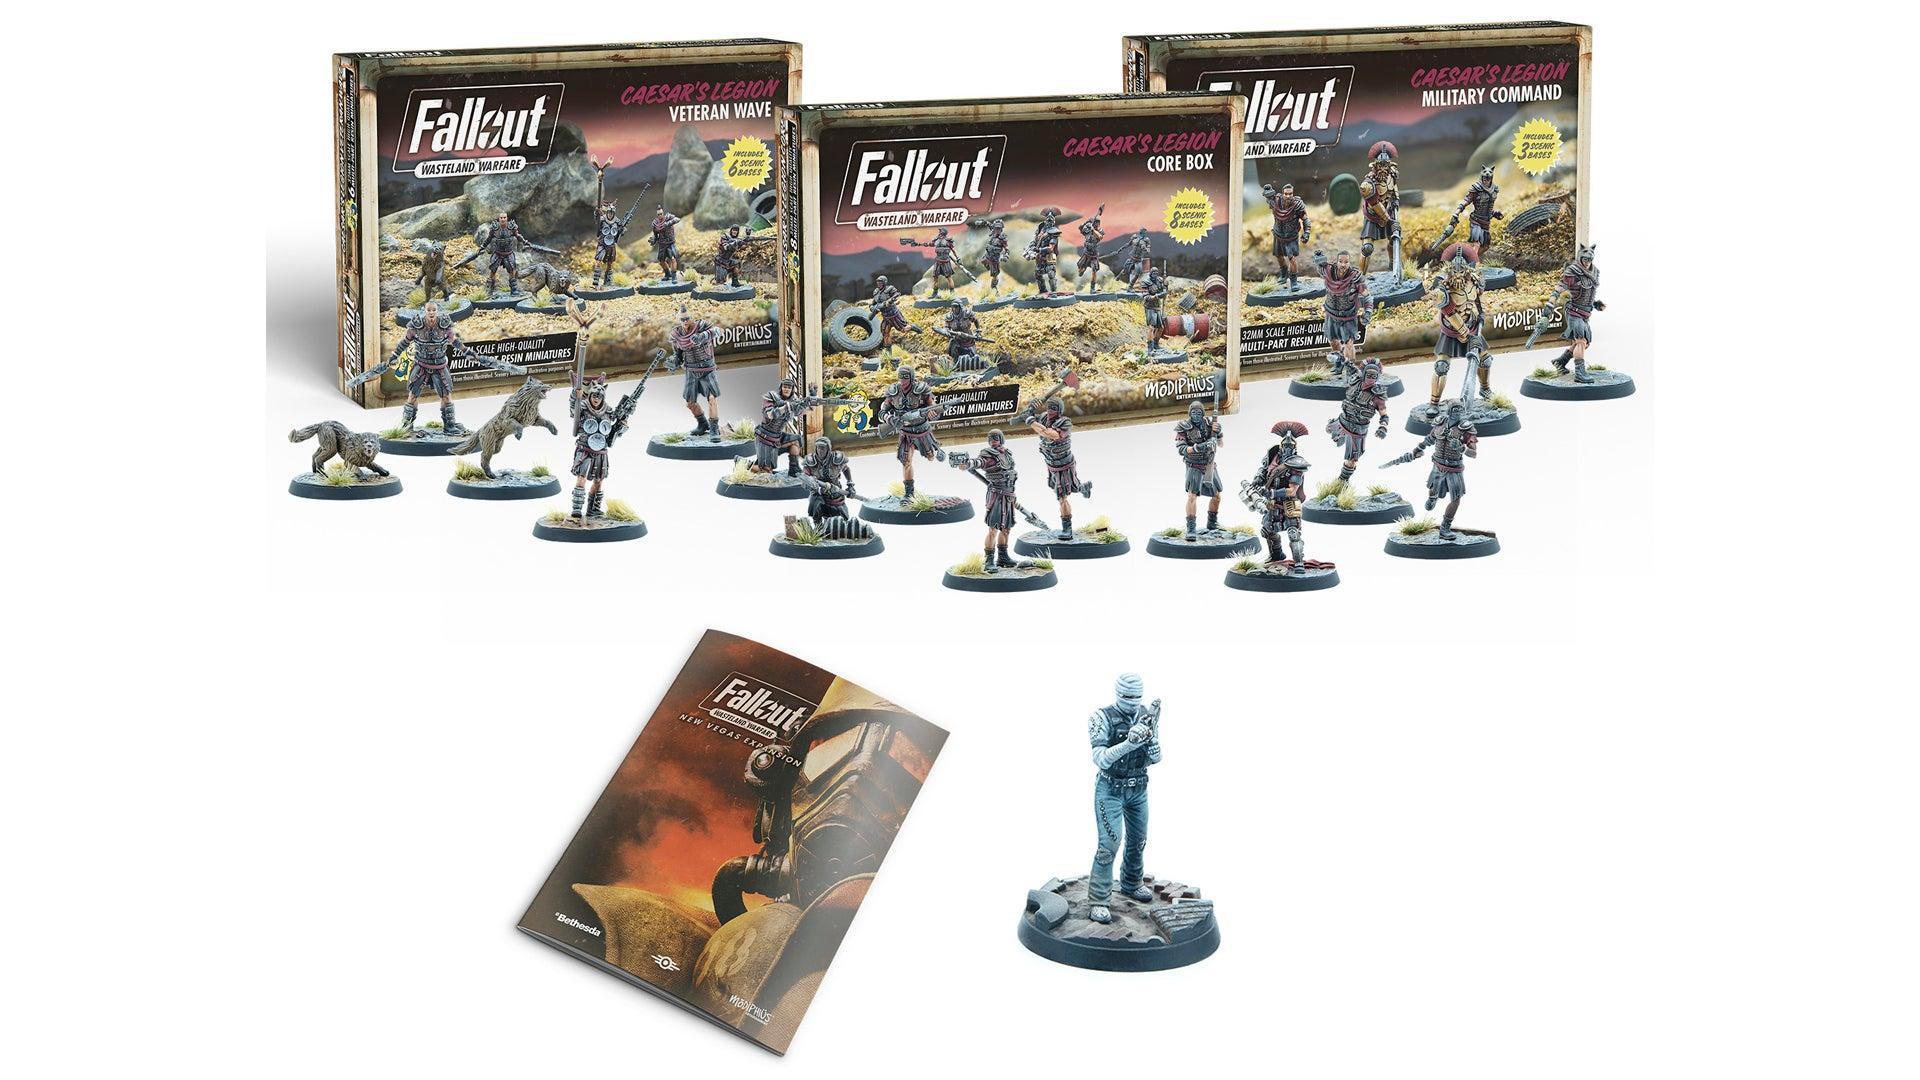 Fallout: Wasteland Warfare - New Vegas layout